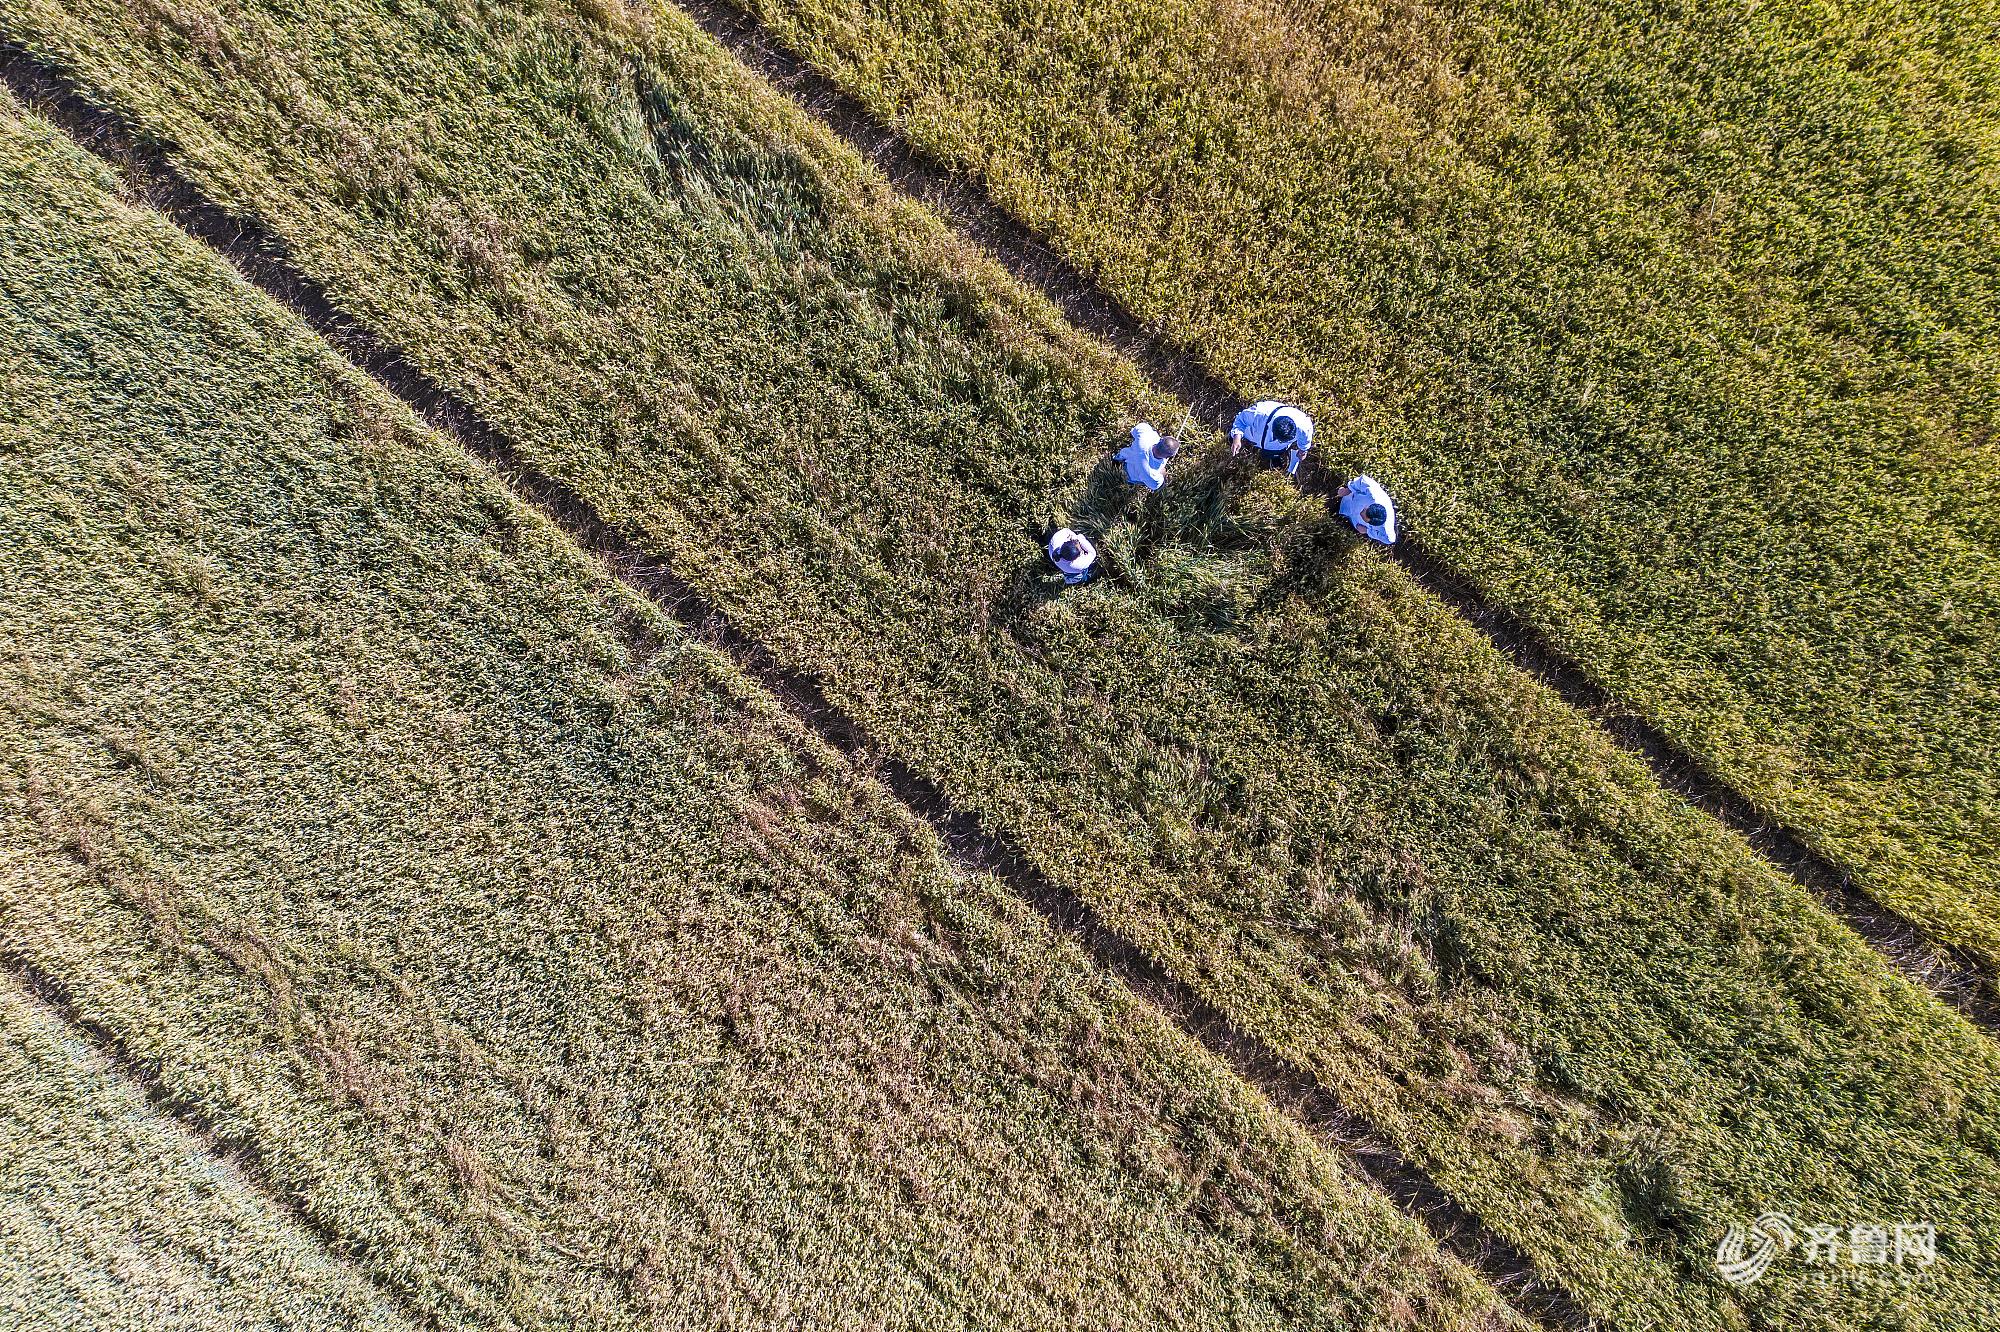 山东滨州:芒种至 风吹麦浪装点金色黄河滩